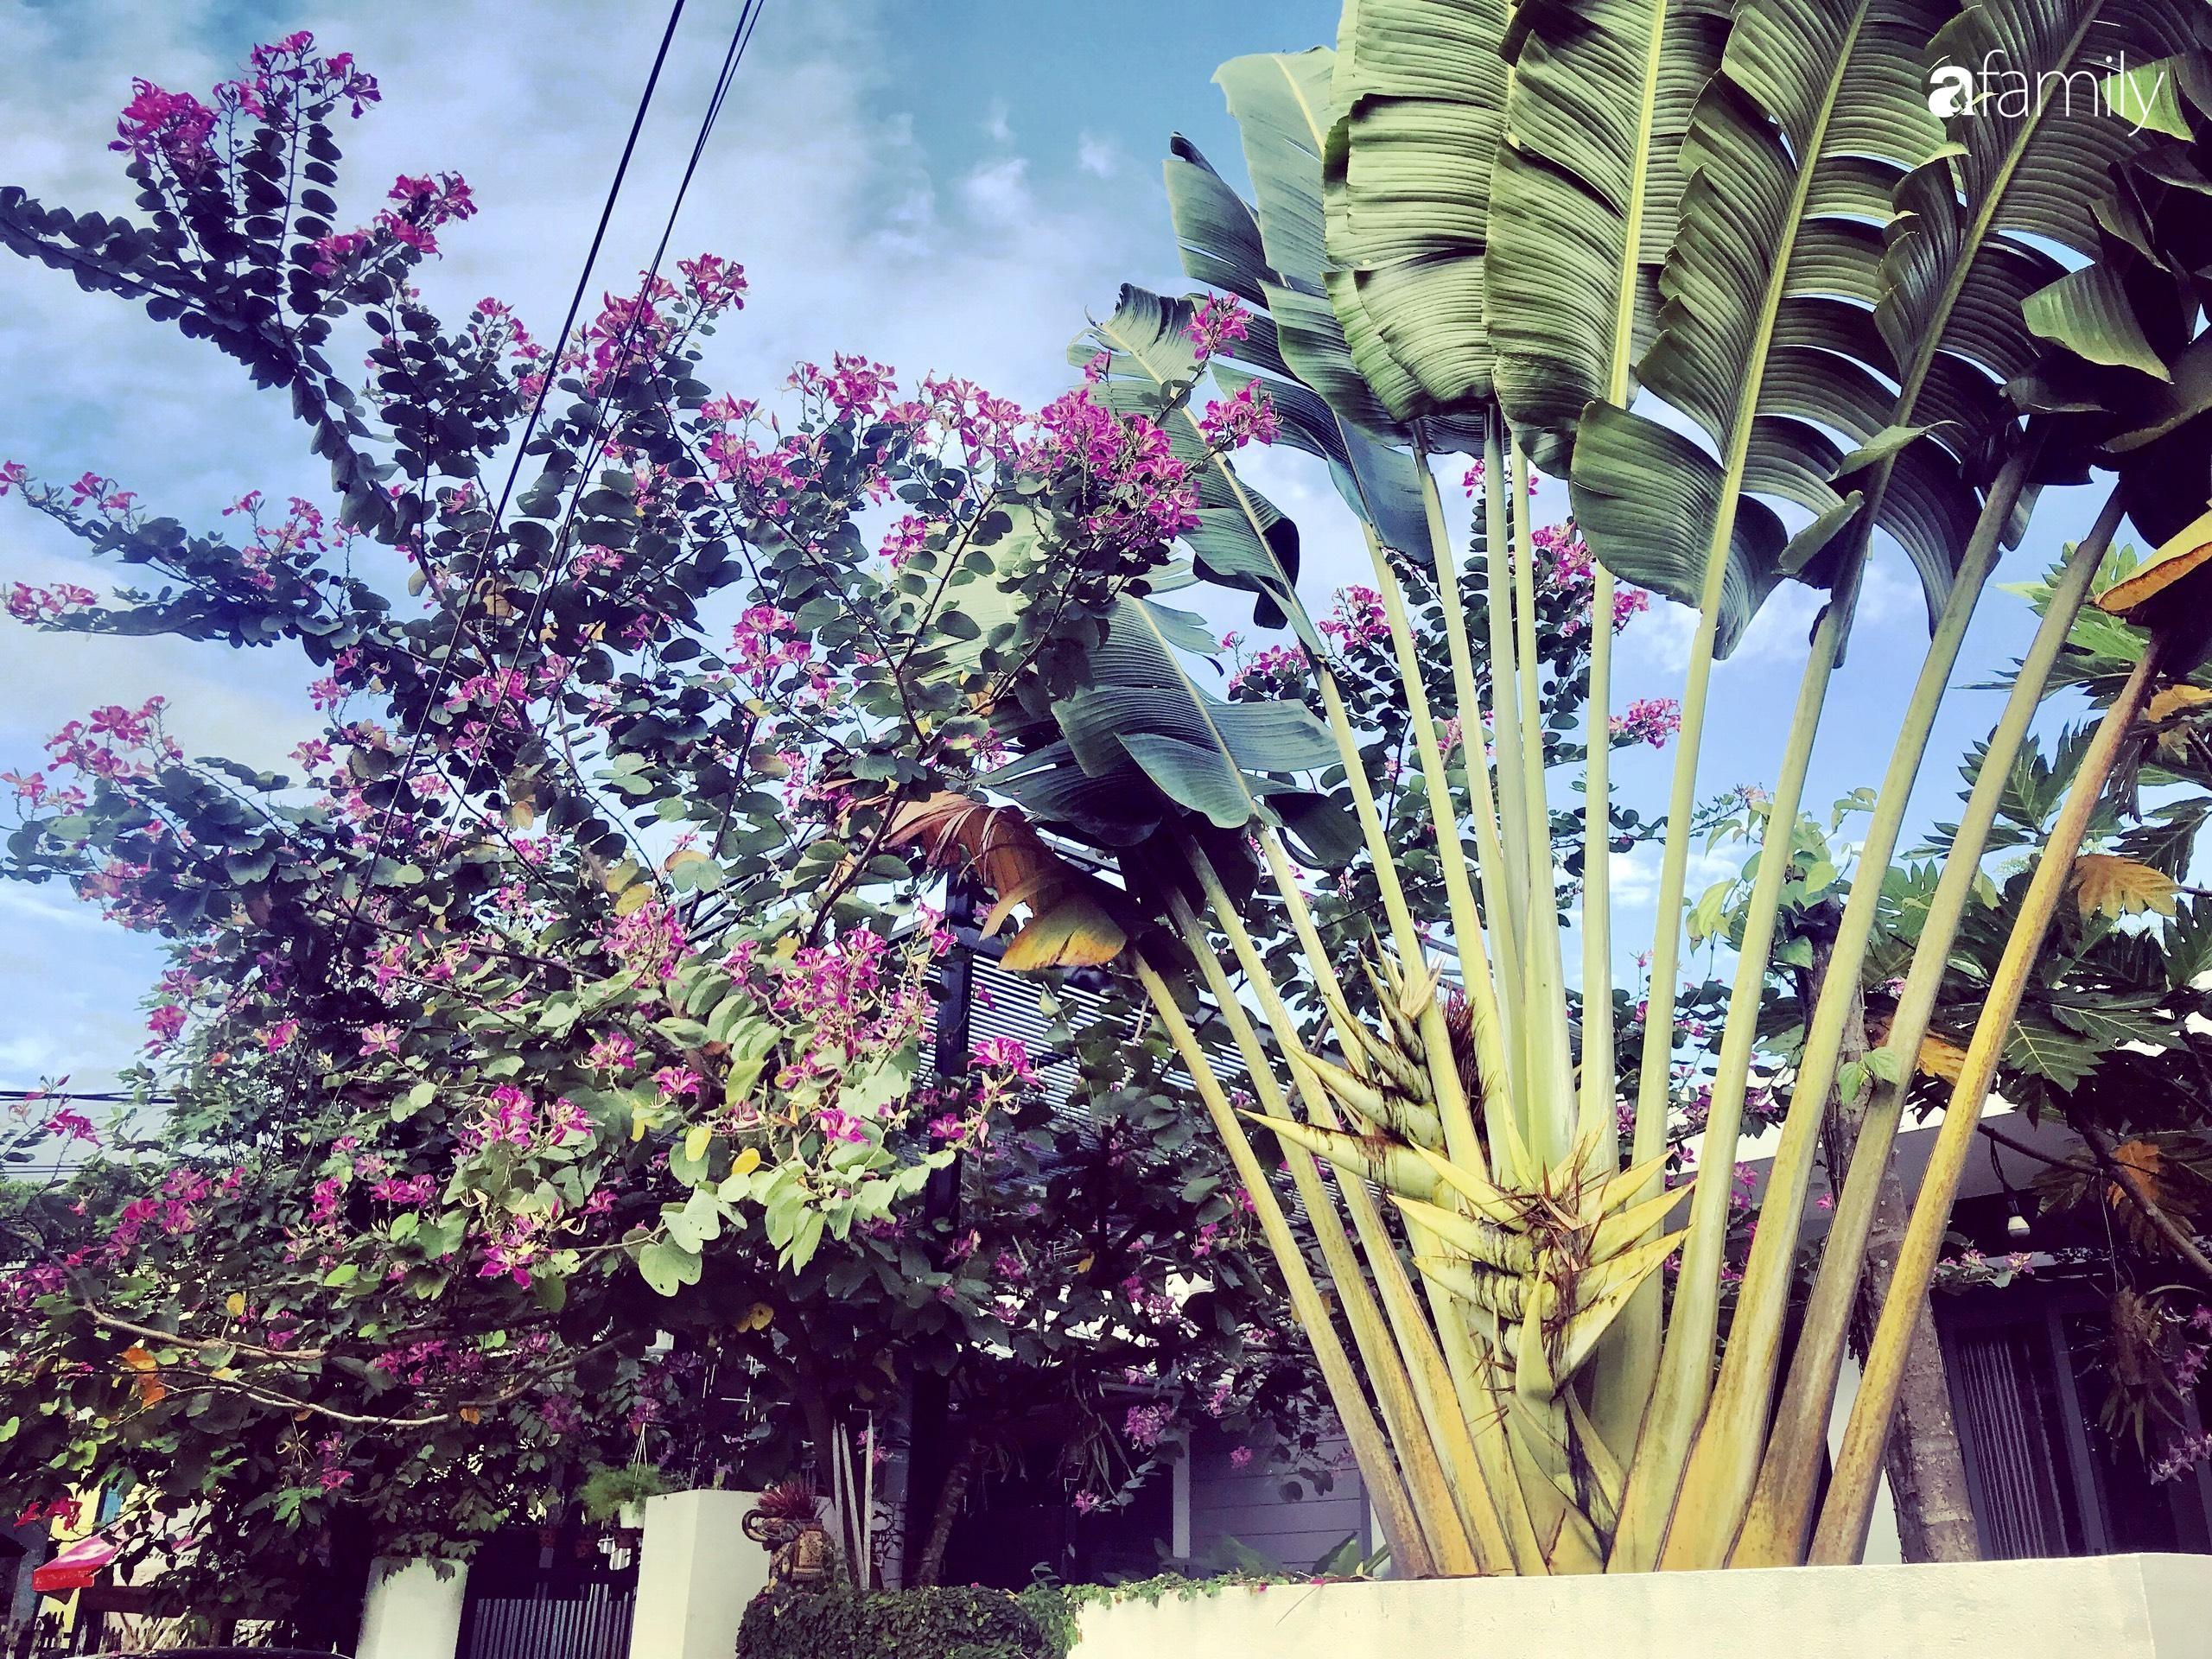 Chàng sinh viên kiến trúc tự decor vườn 200m² với cây xanh và ao cá cho gia đình 4 thế hệ ở ngoại ô Đà Nẵng - Ảnh 3.